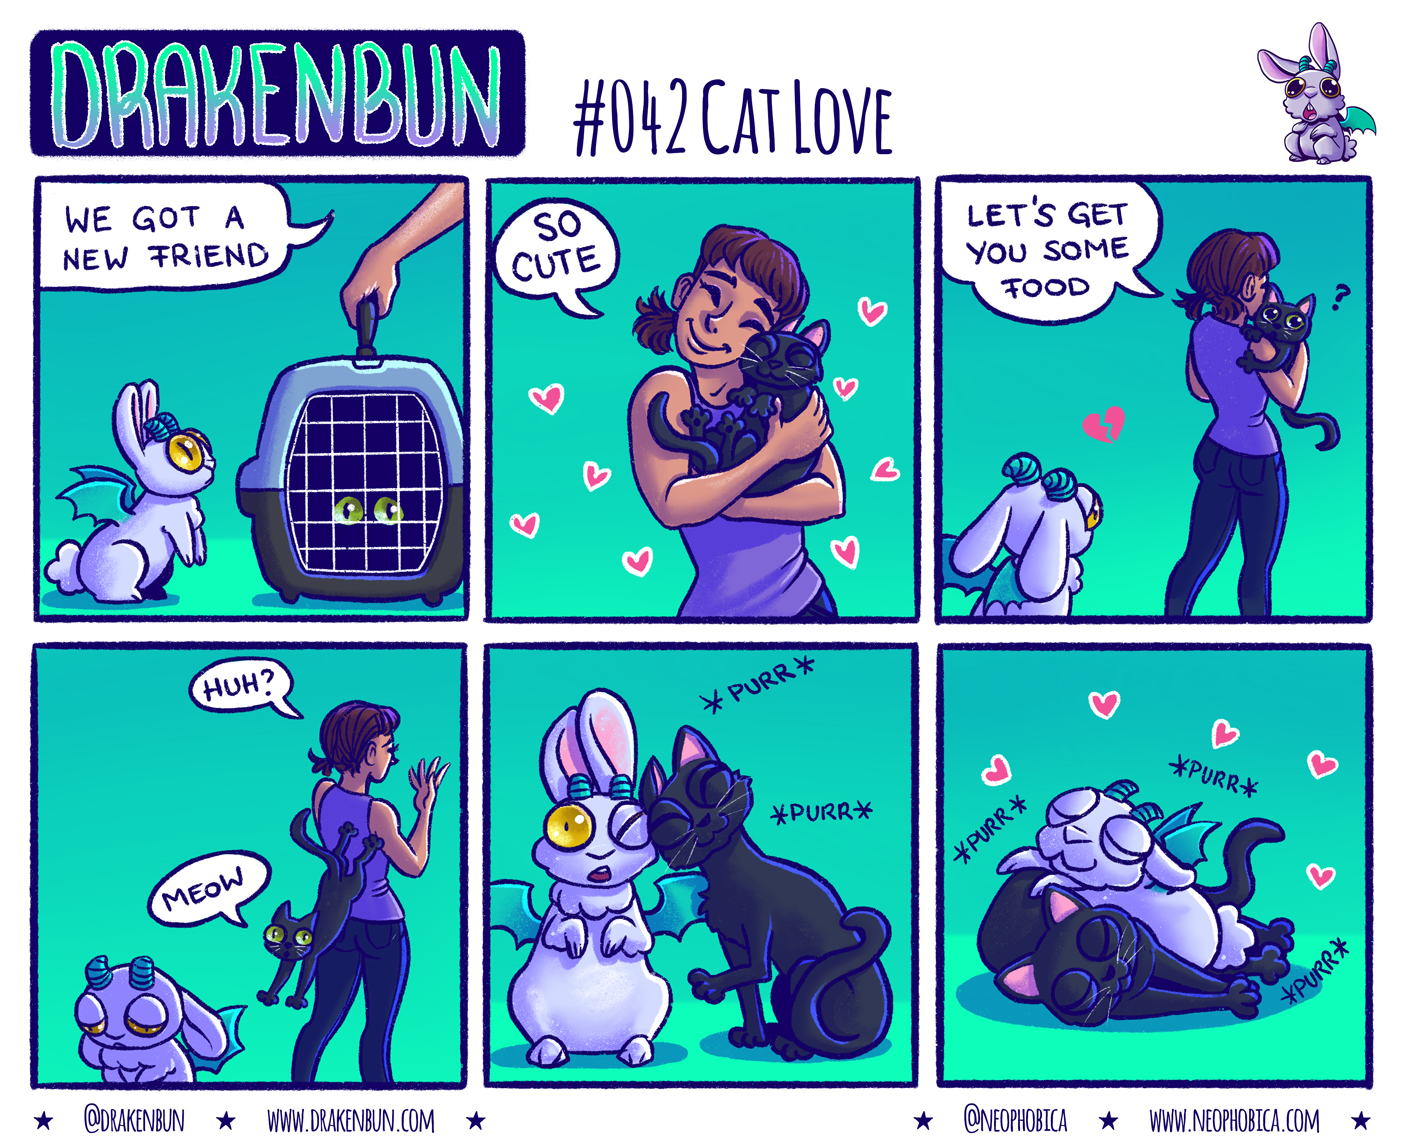 #042 Cat Love